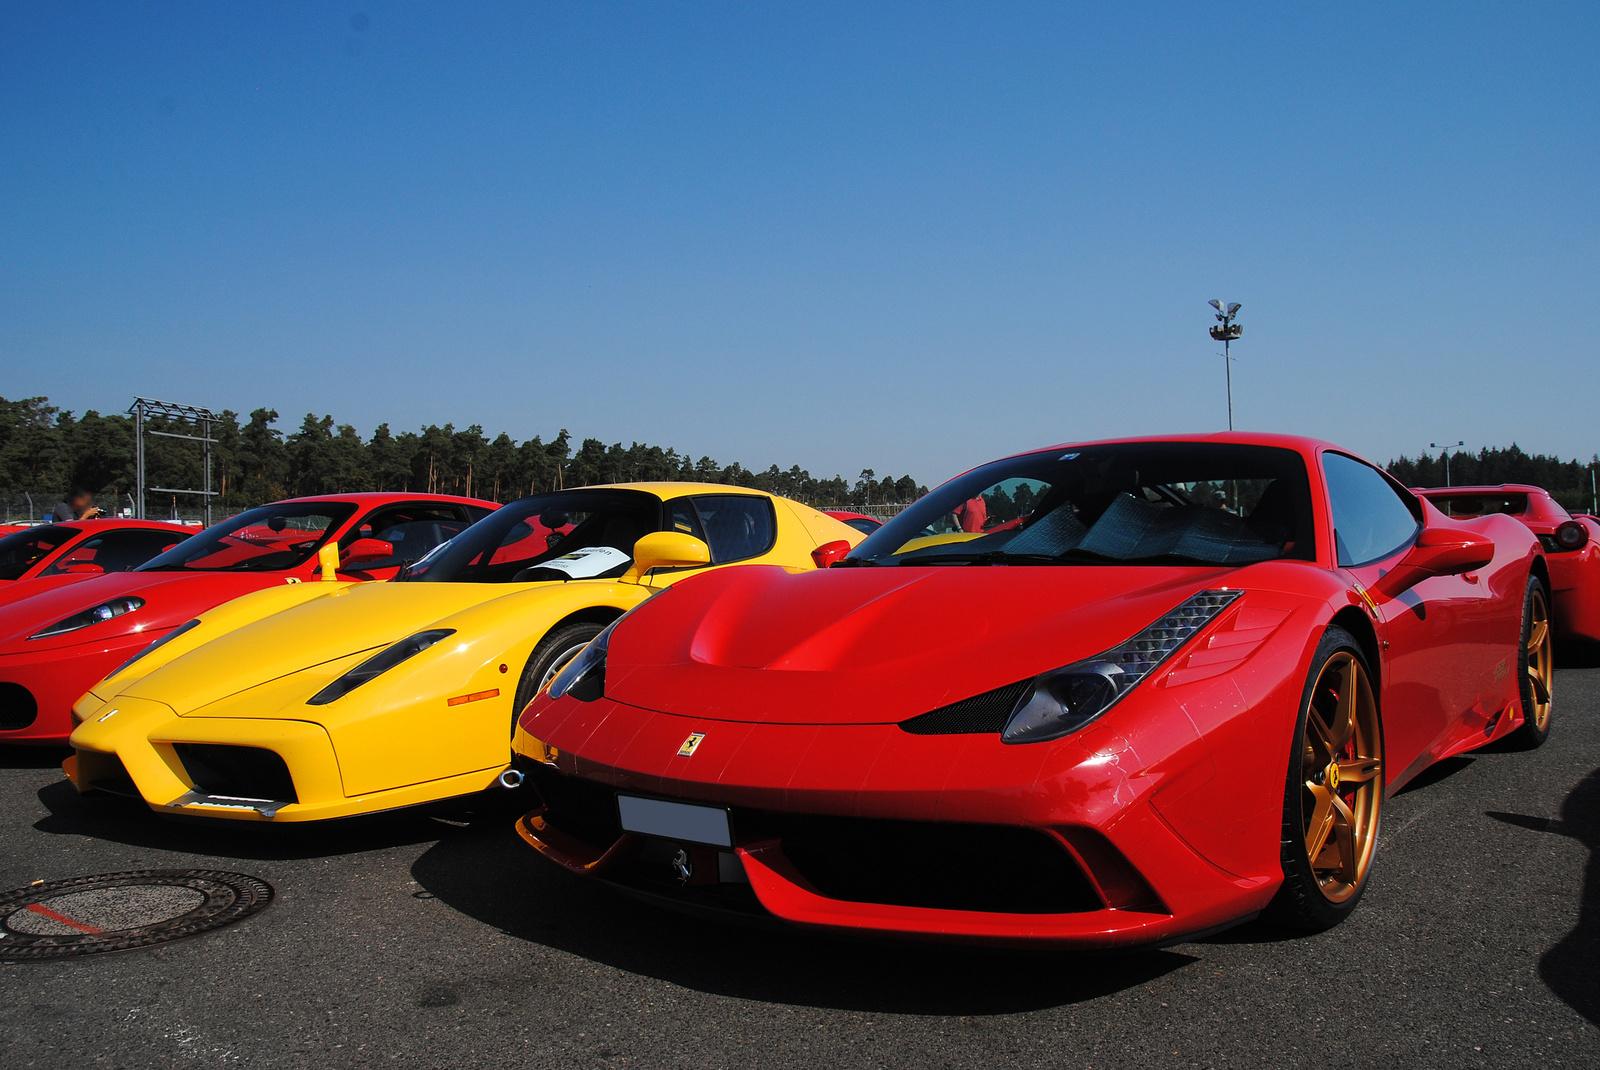 Ferrari Enzo Ferrari - Ferrari 458 Speciale